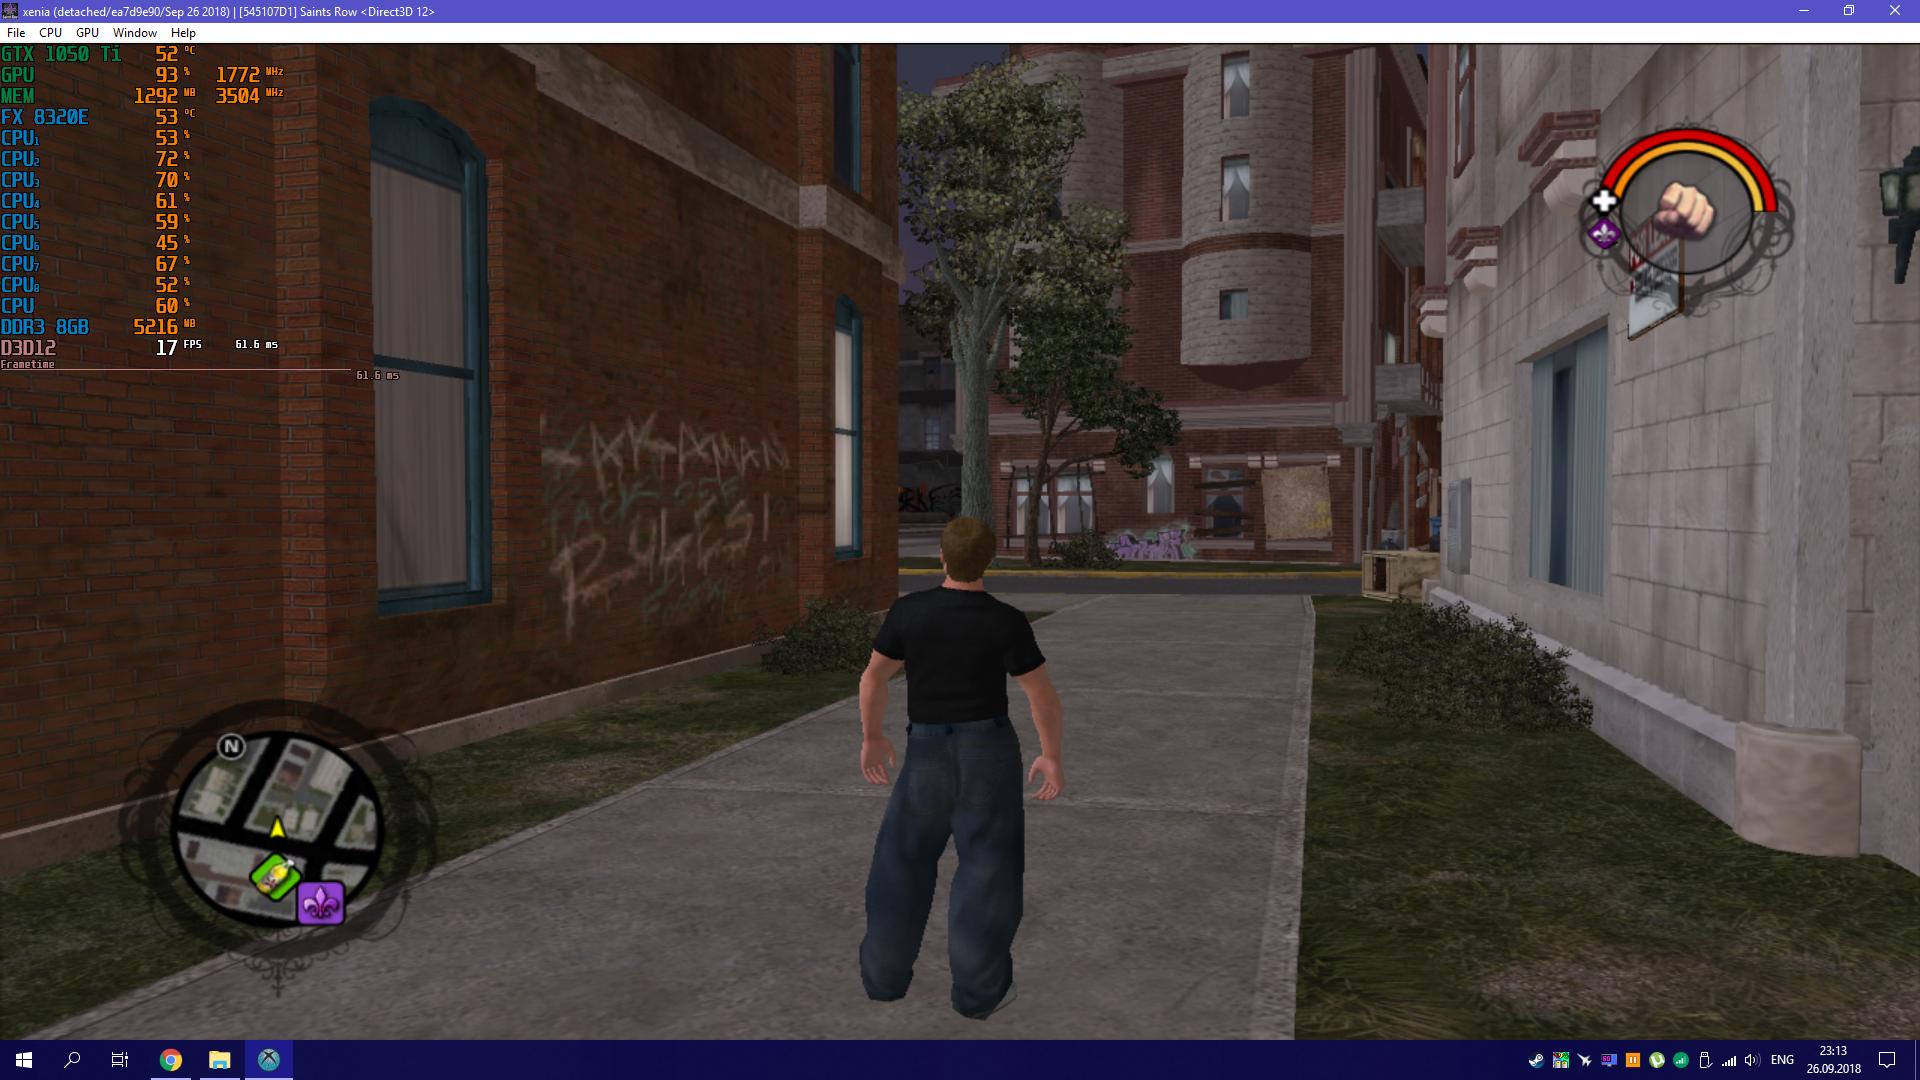 Developers - 545107D1 - Saints Row -